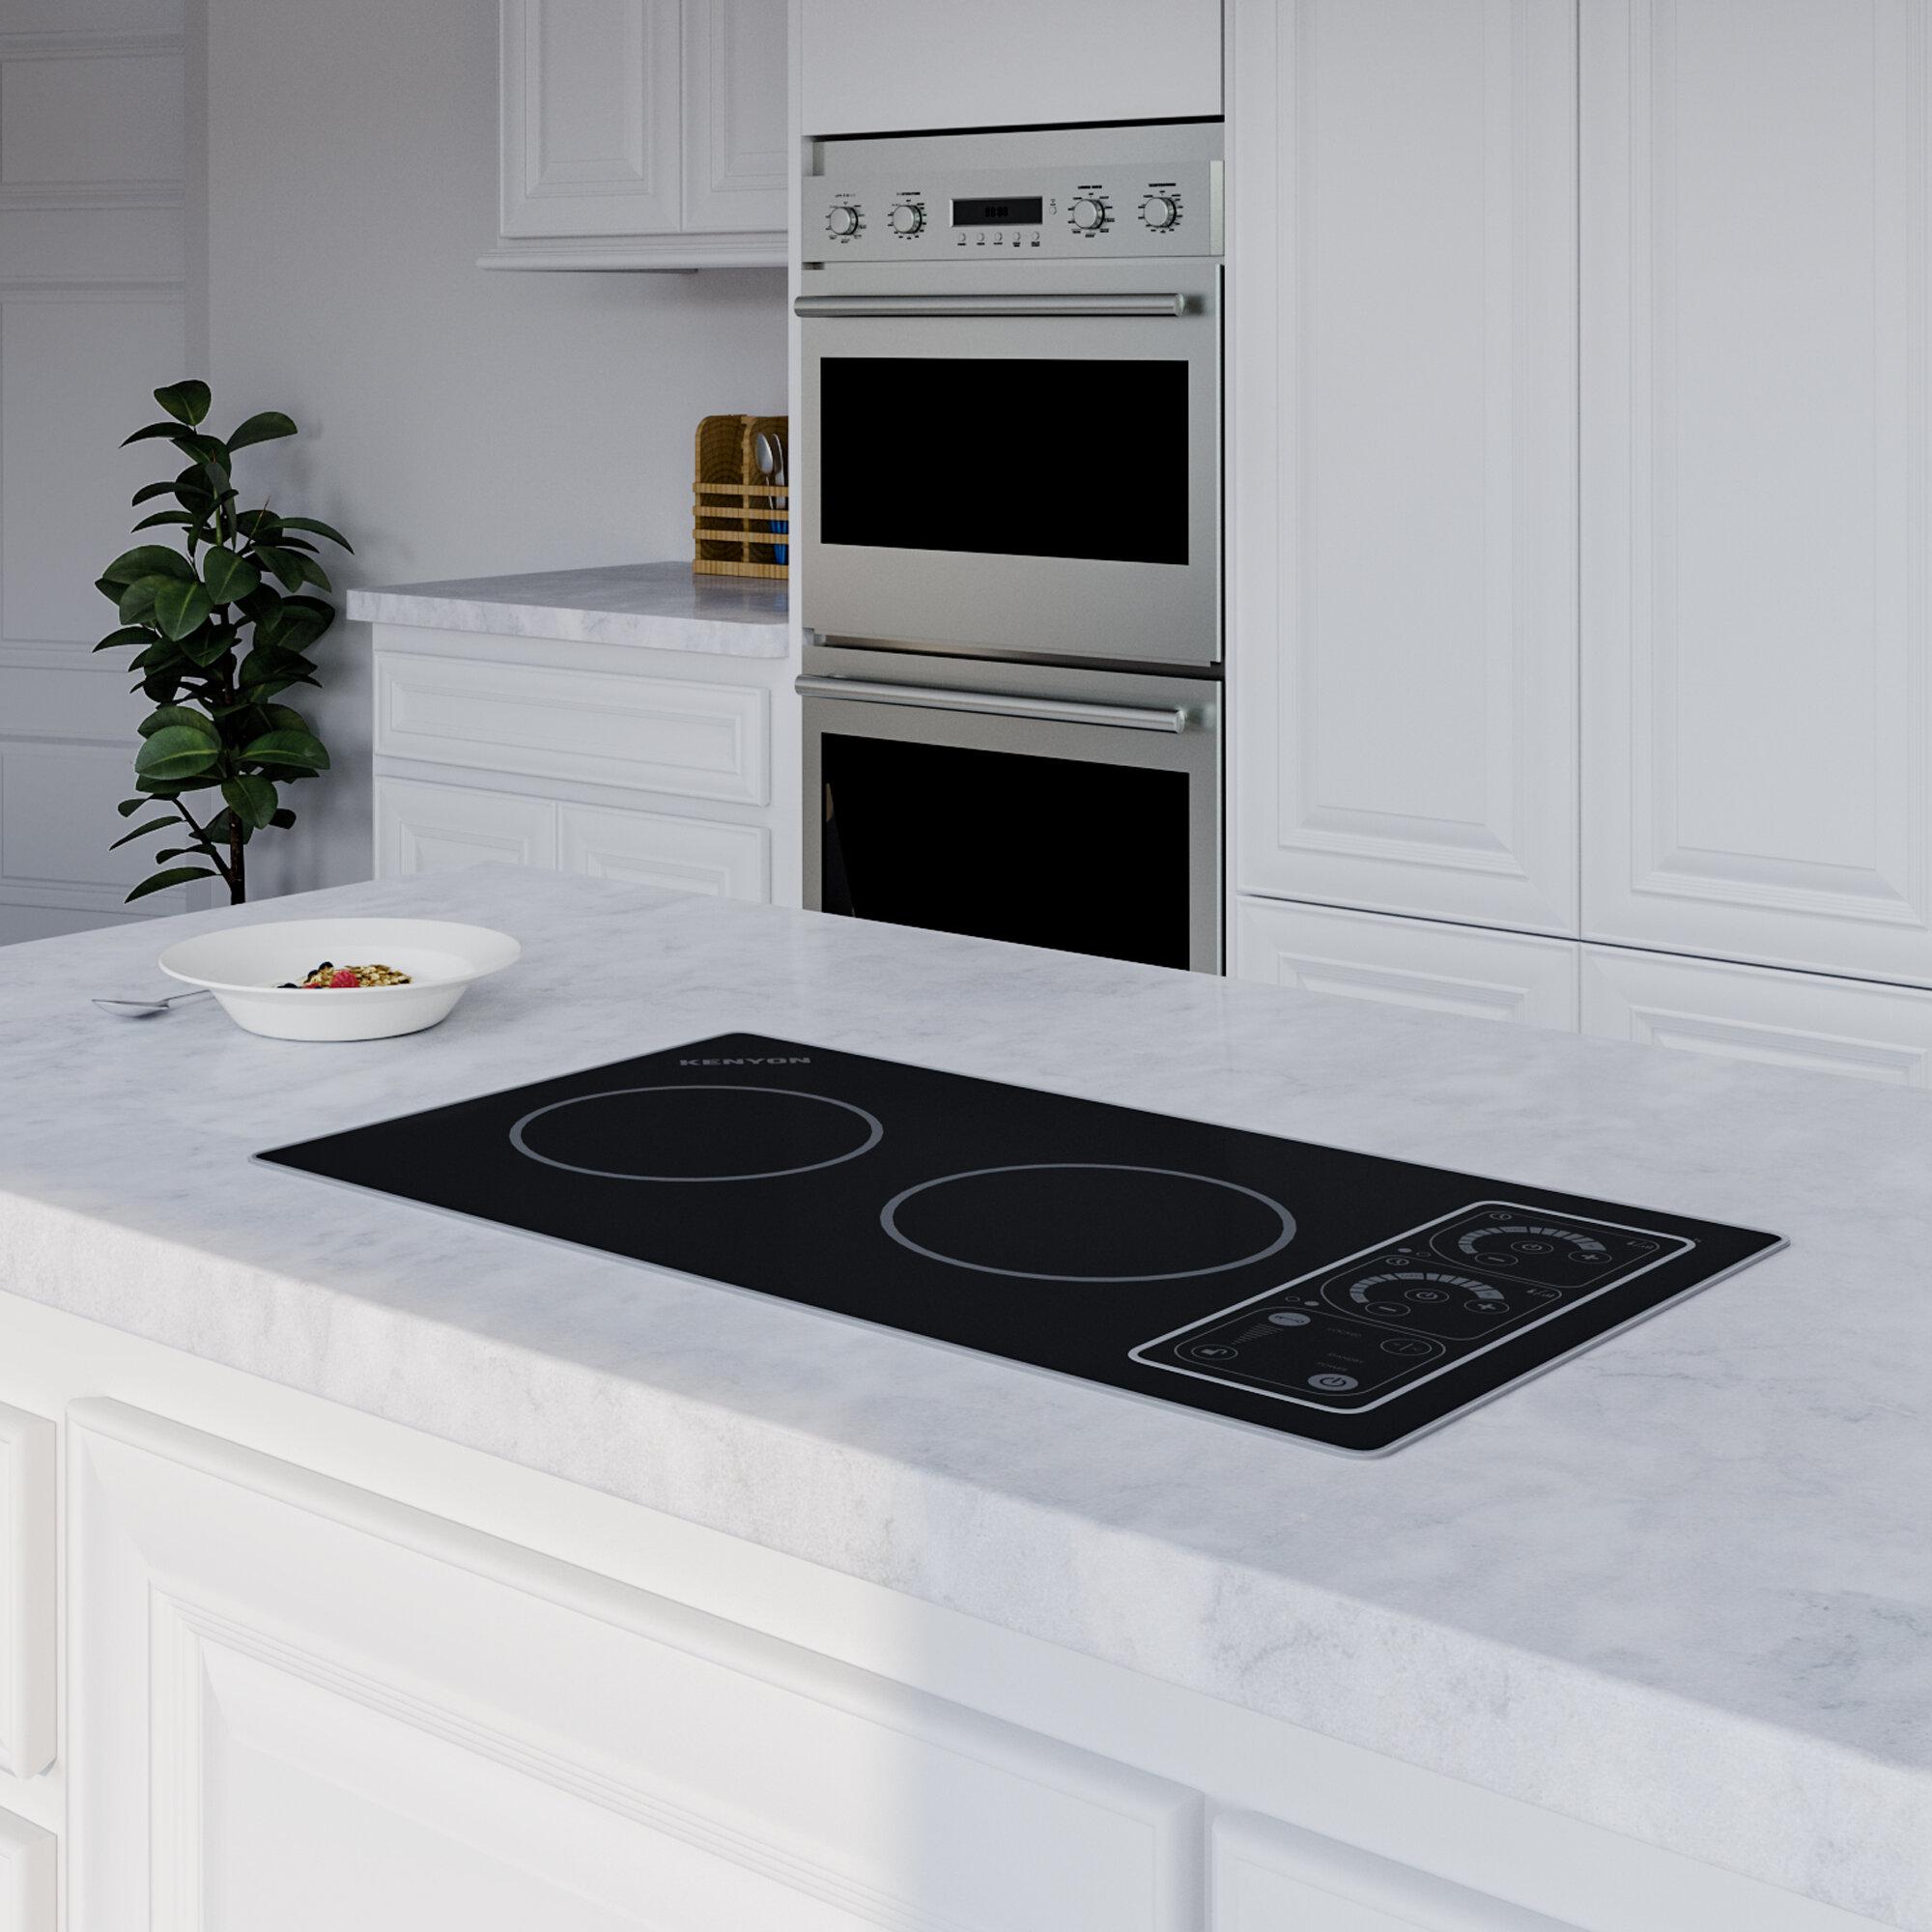 Kenyon Silken 21 Induction Cooktop With 2 Burners Reviews Wayfair